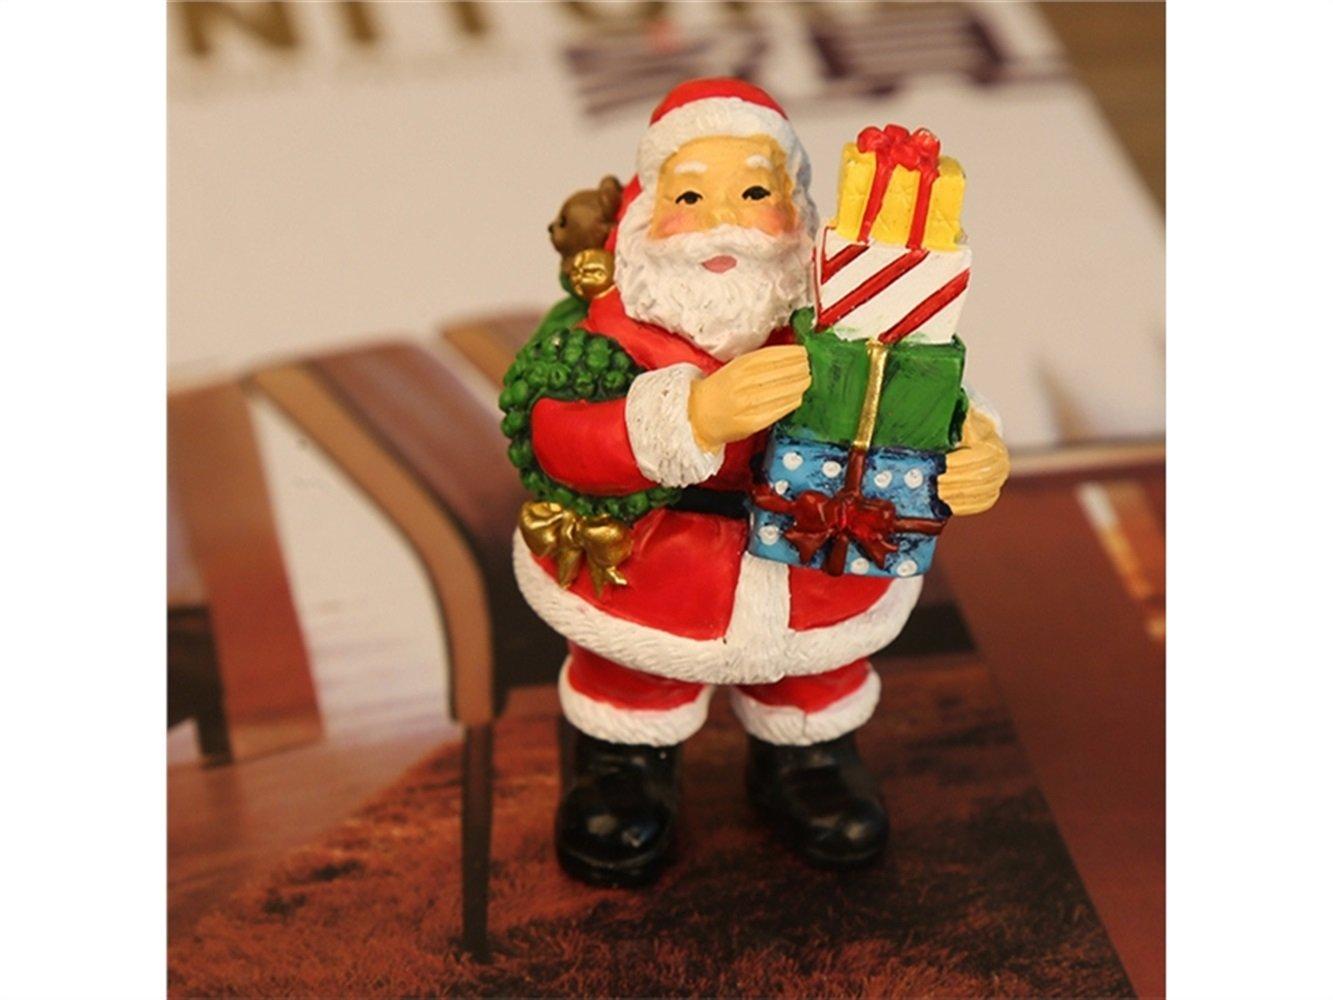 Blueqier Mini Resina Miniatura Artigianato di Natale Decorazione Piccoli animali Ornamenti di Babbo Natale Fai da te Giocattoli regalo di Natale (colorato) Ornamento